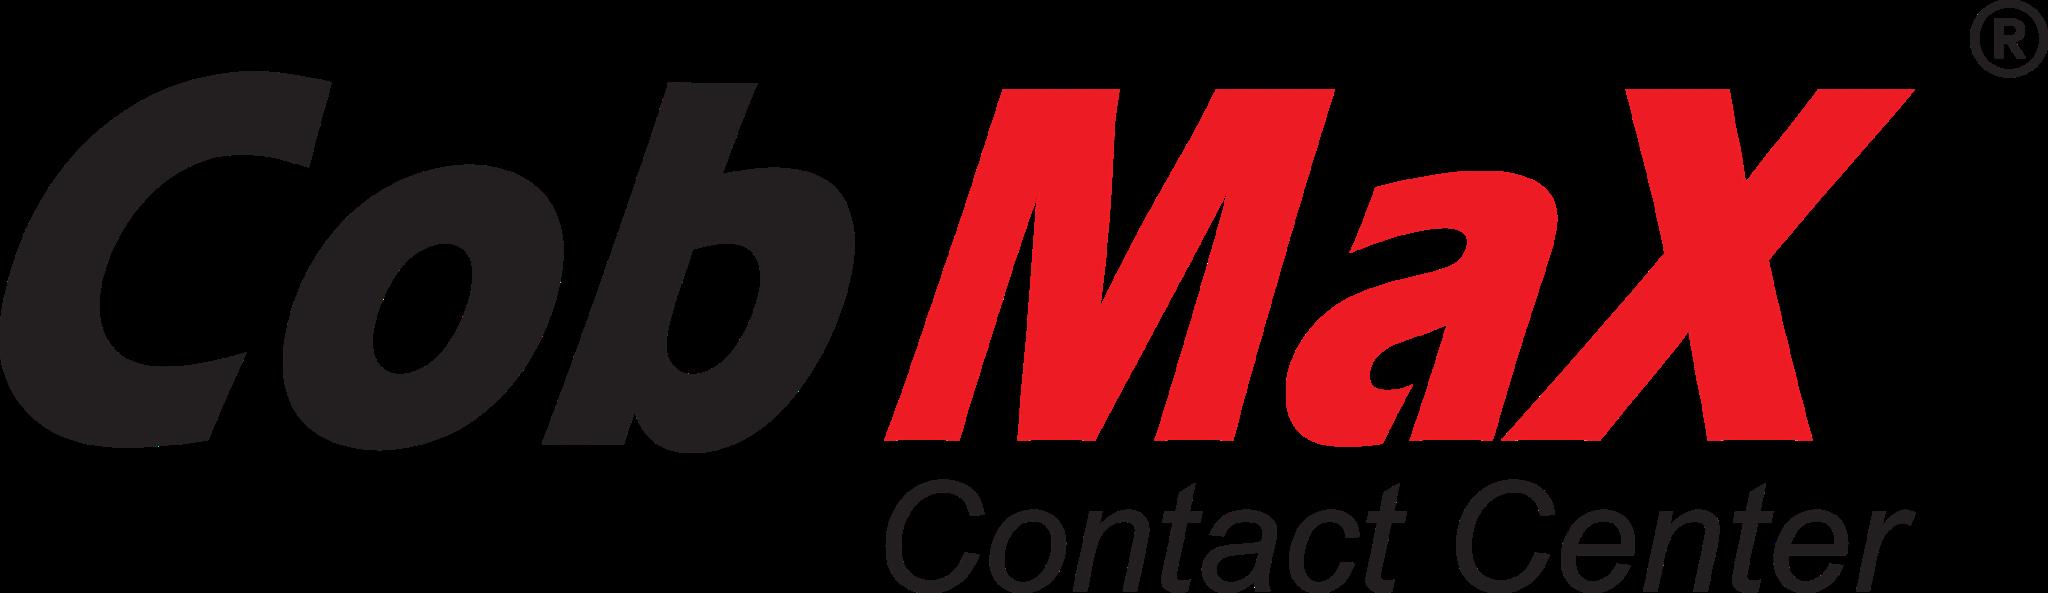 Logo Combax.png